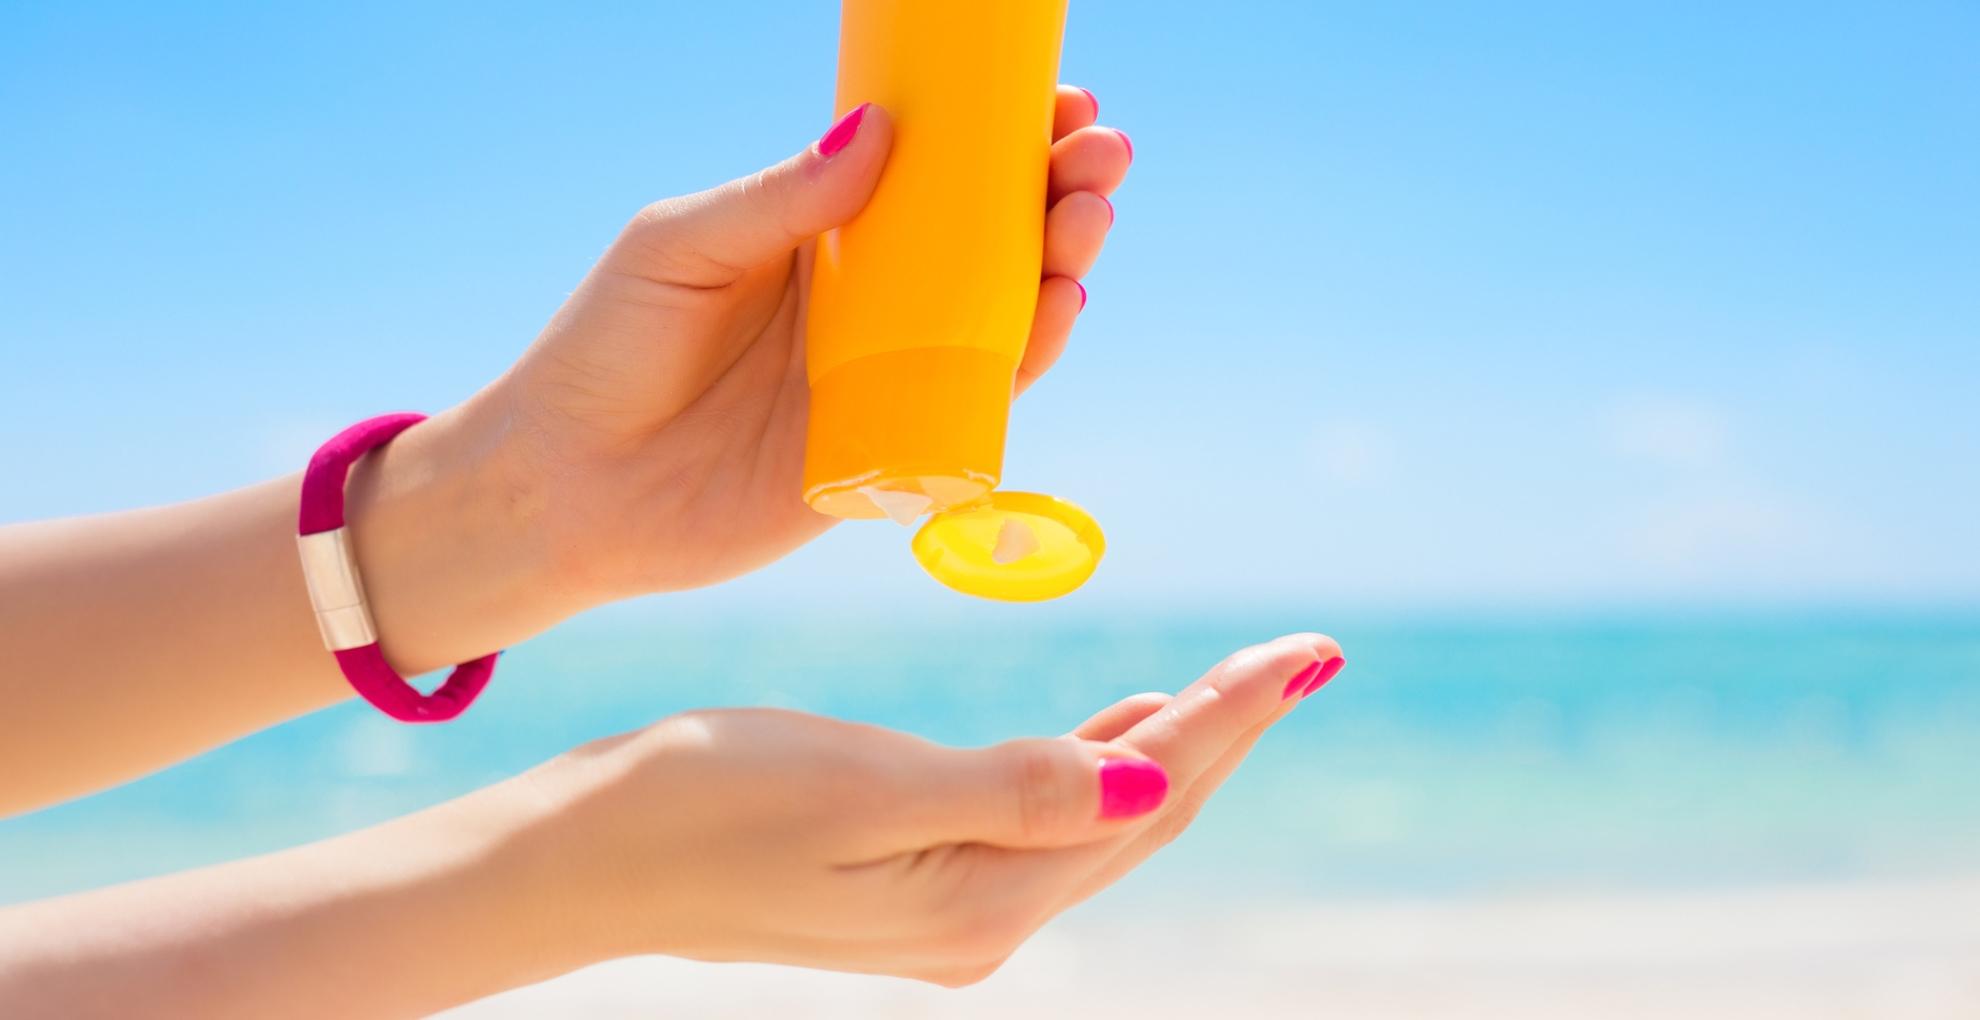 Skin Care Tips: सनस्क्रीन लगाते वक्त अगर आप भी करती हैं ये गलतियां, तो हो जाइए सावधान